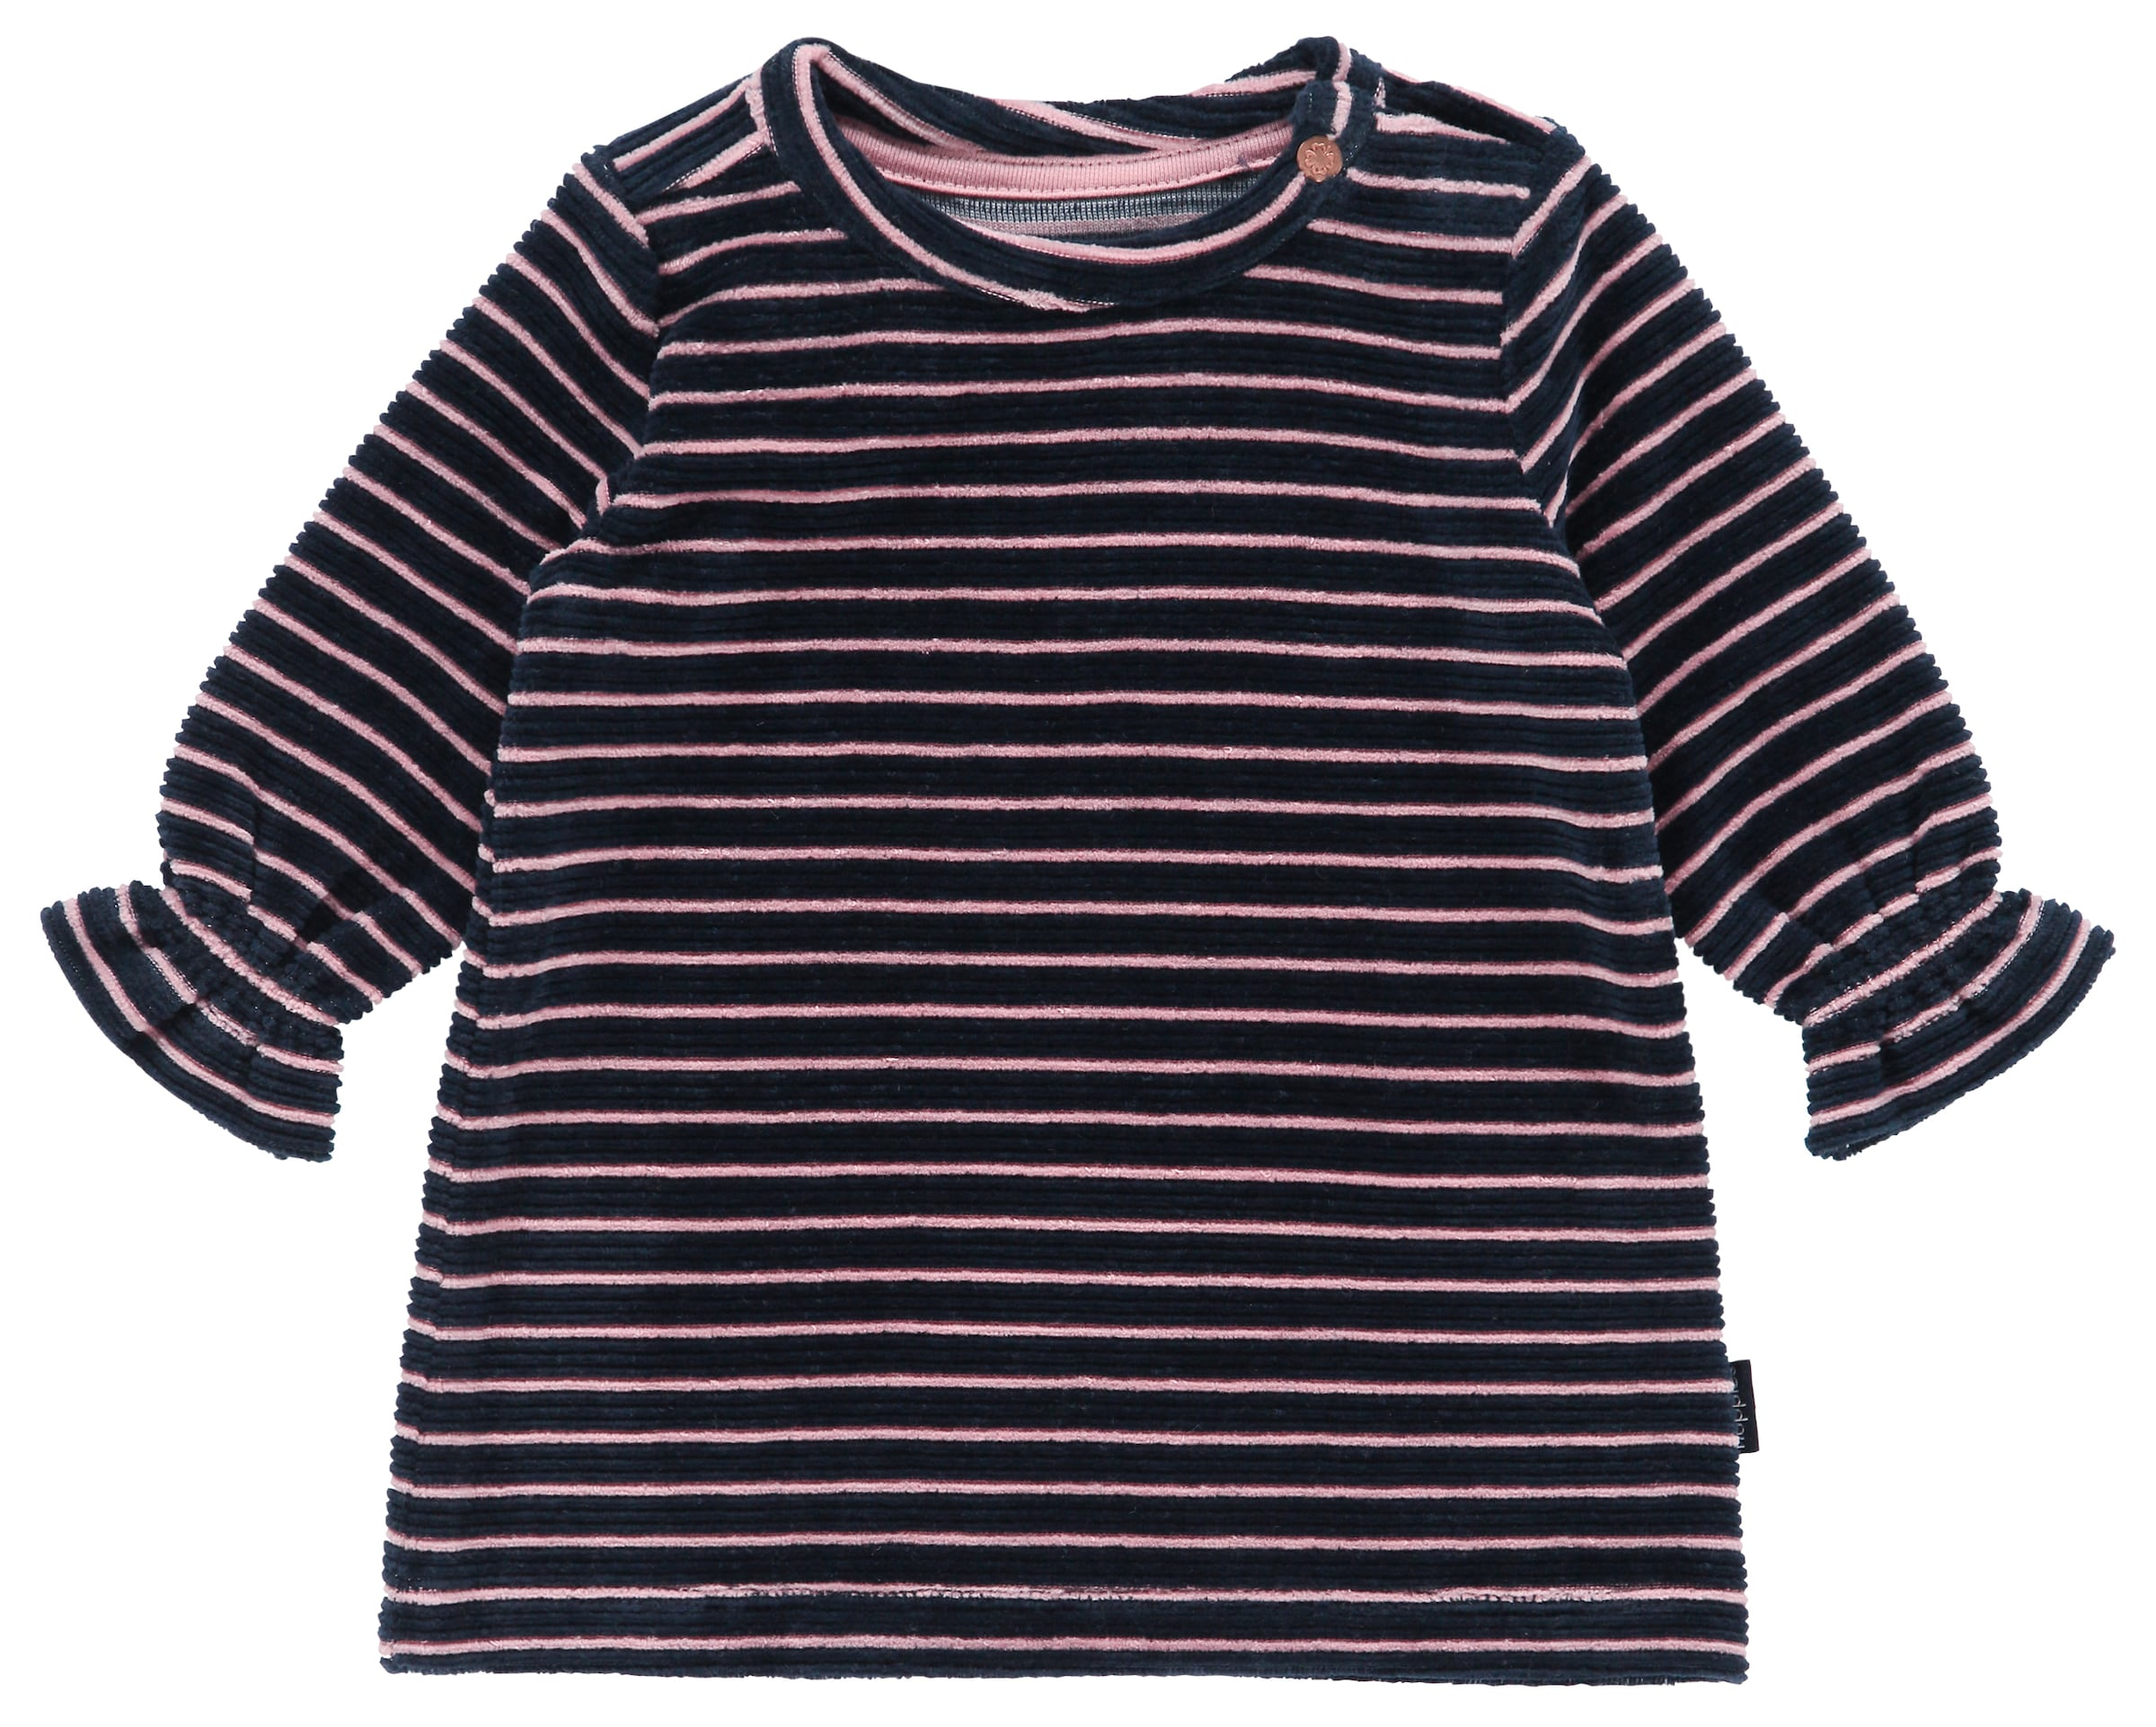 Kinder,  Mädchen,  Kinder Noppies Kleid rosa, schwarz | 08719788350086